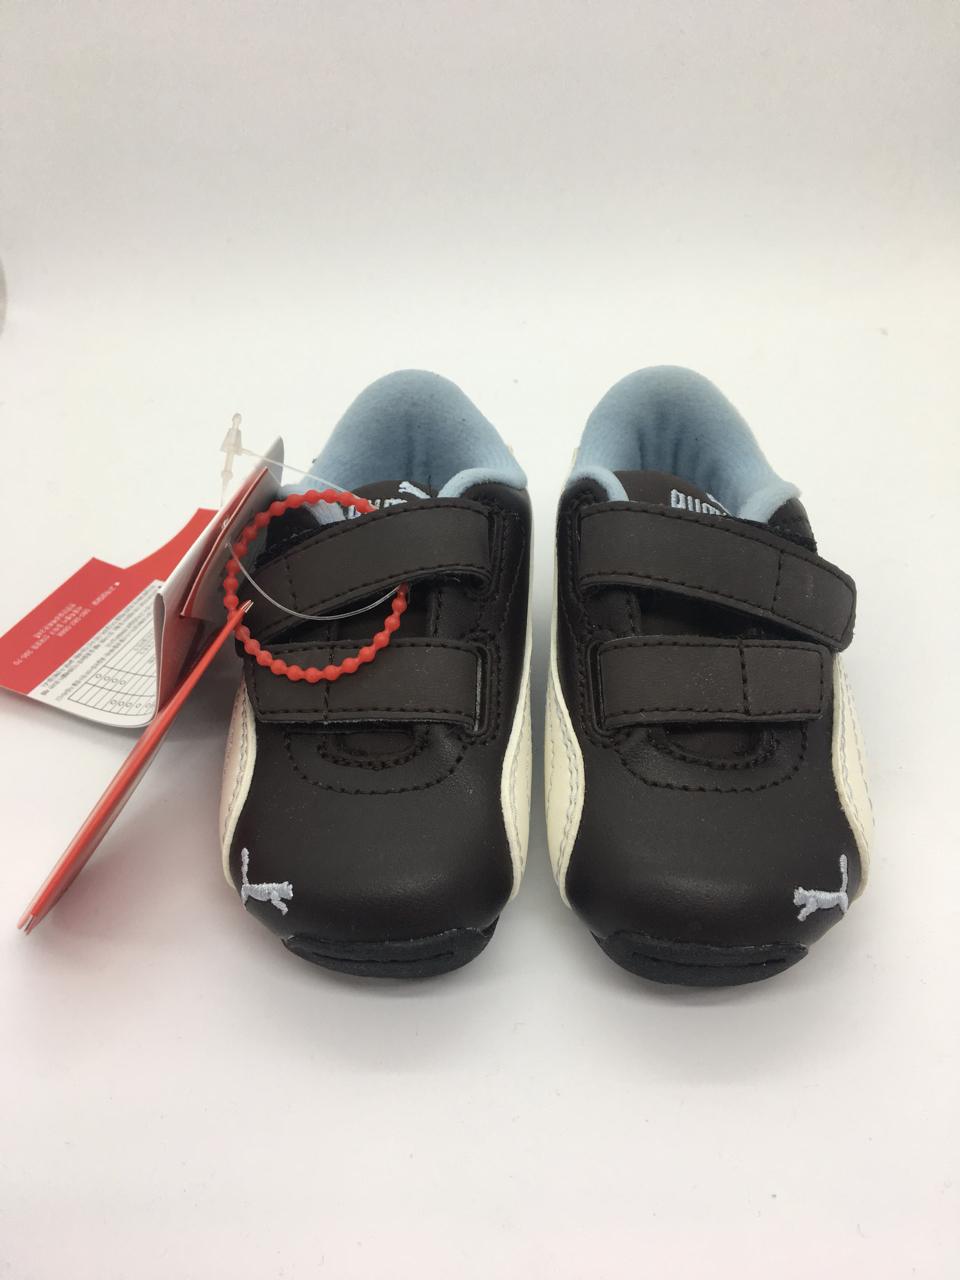 [미개봉] 퓨마 유아 신발(130mm) 팝니다.